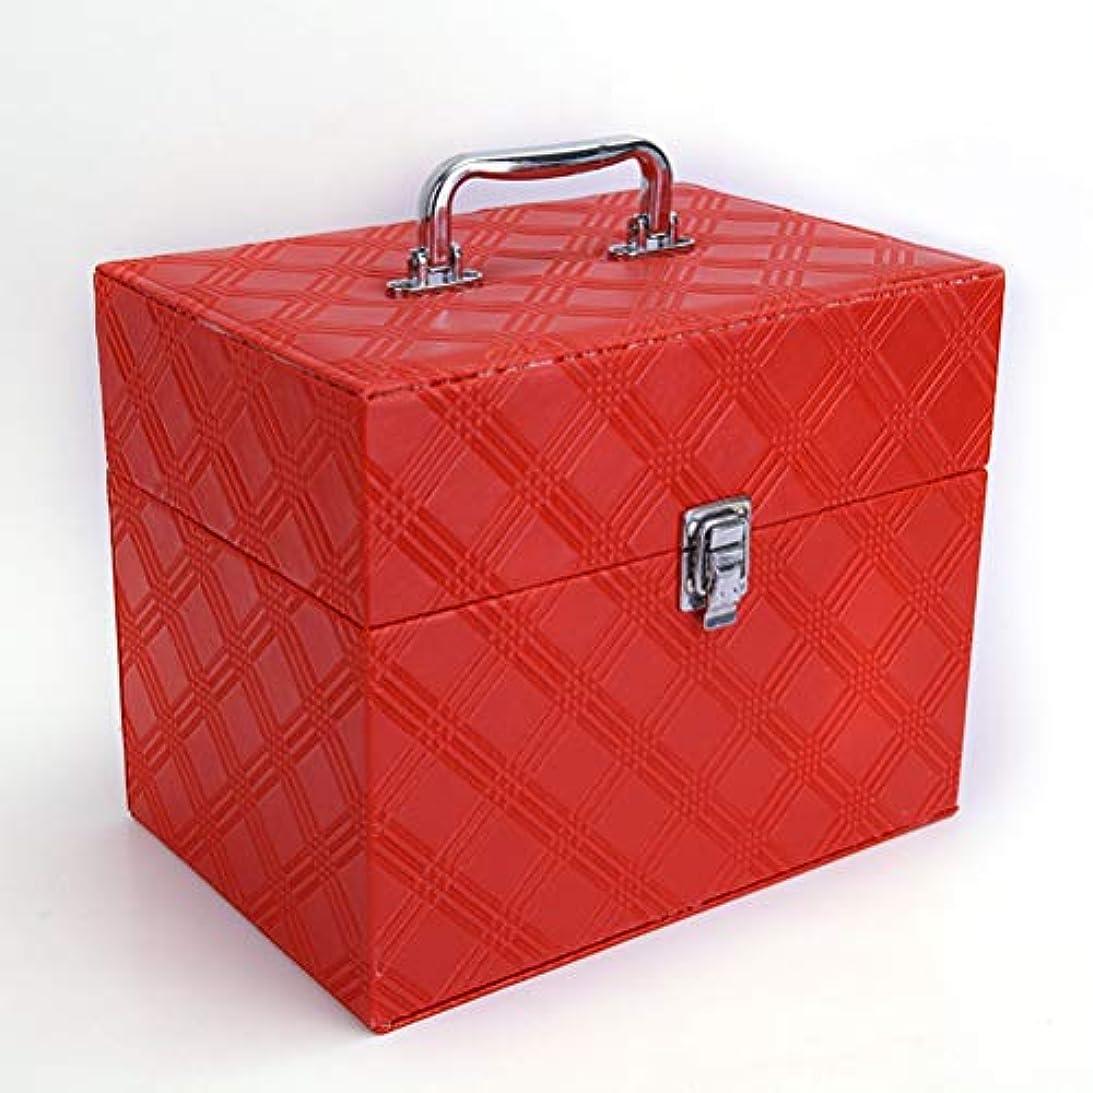 スカリーストリップ植物学メイクボックス コスメボックス 化粧品入れ 化粧箱 大容量 プロ用 ミラ付き 化粧道具入れ 収納ケース 防水 小物入れ 自宅?出張?旅行 持ち運び ハンドル付き 収納ボックス ロック付き 安全